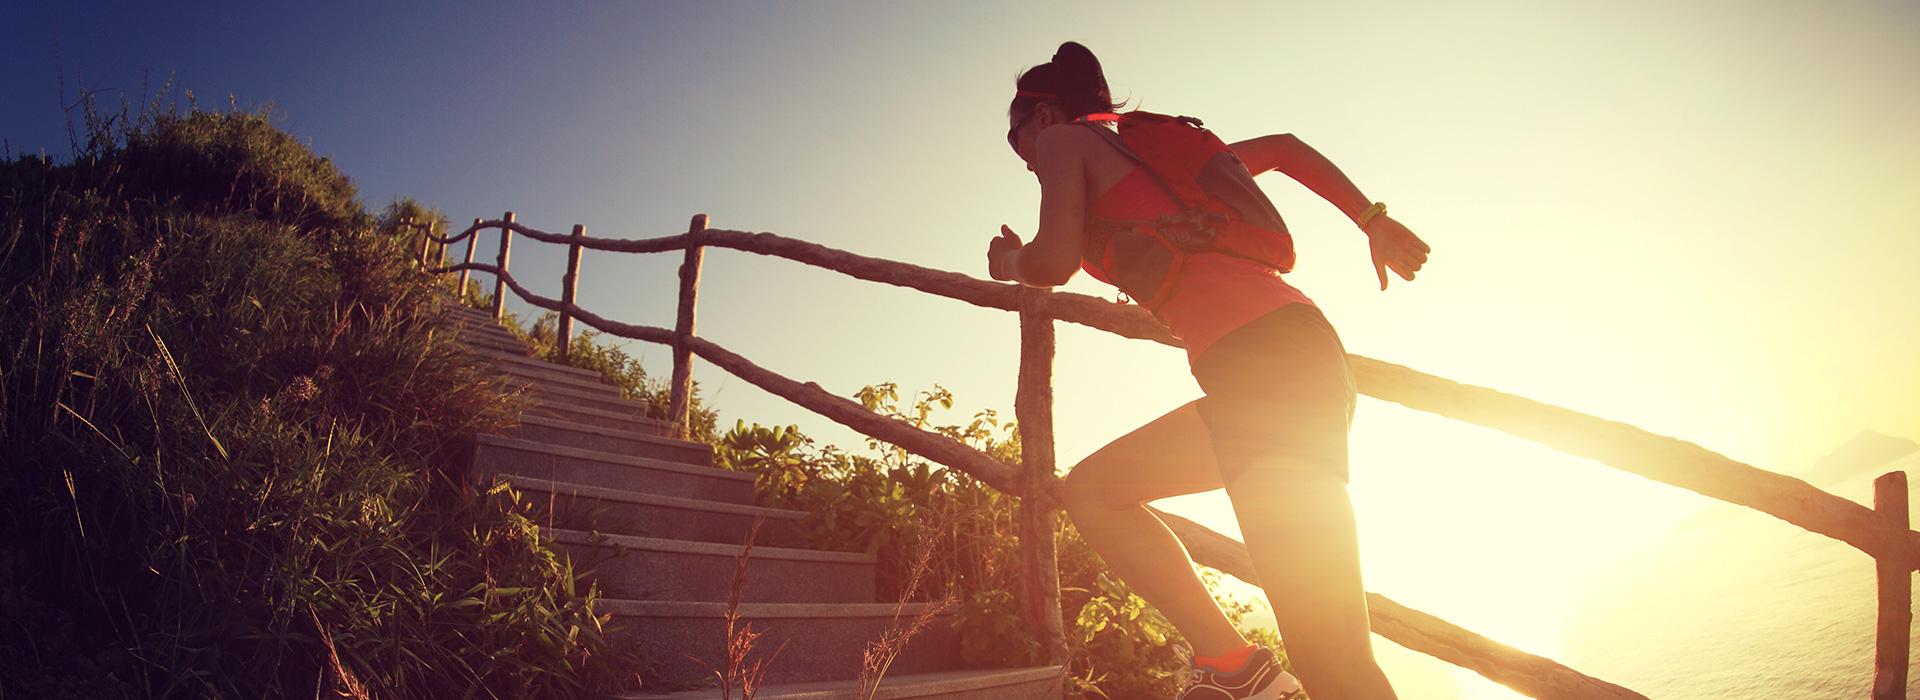 Sportlerin rennt draußen eine Treppe im Sonnenlicht hoch